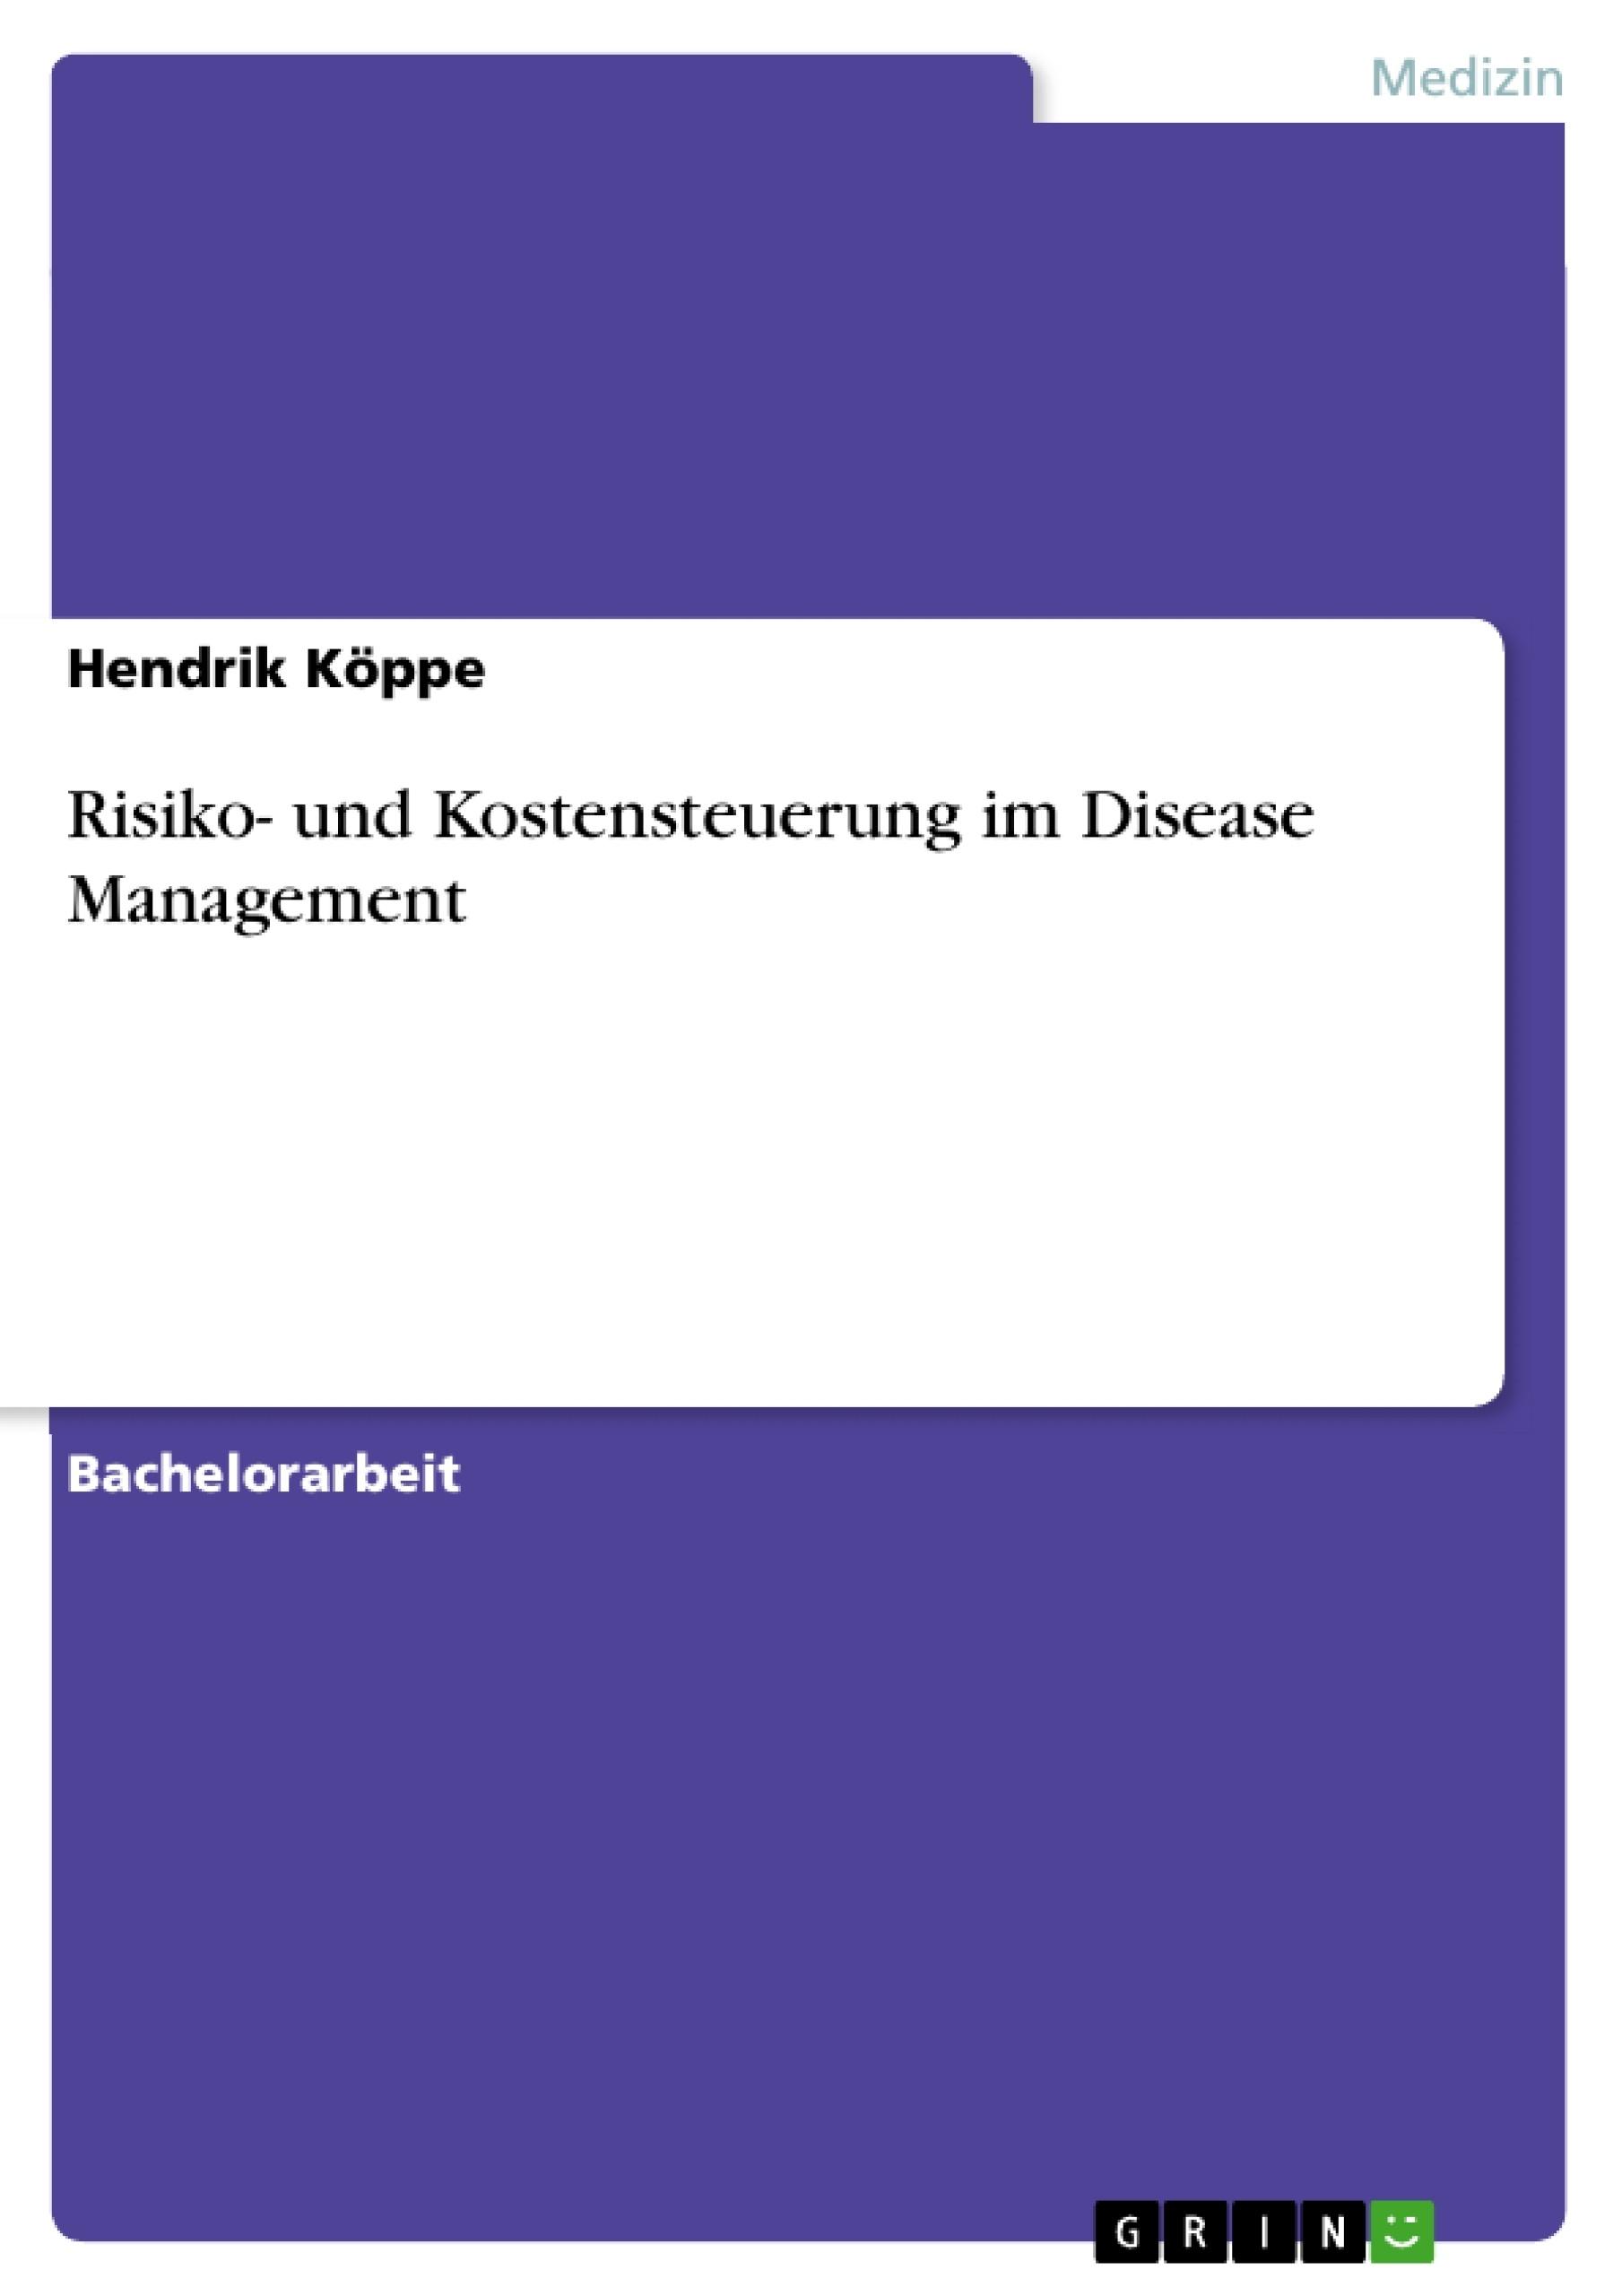 Titel: Risiko- und Kostensteuerung im Disease Management